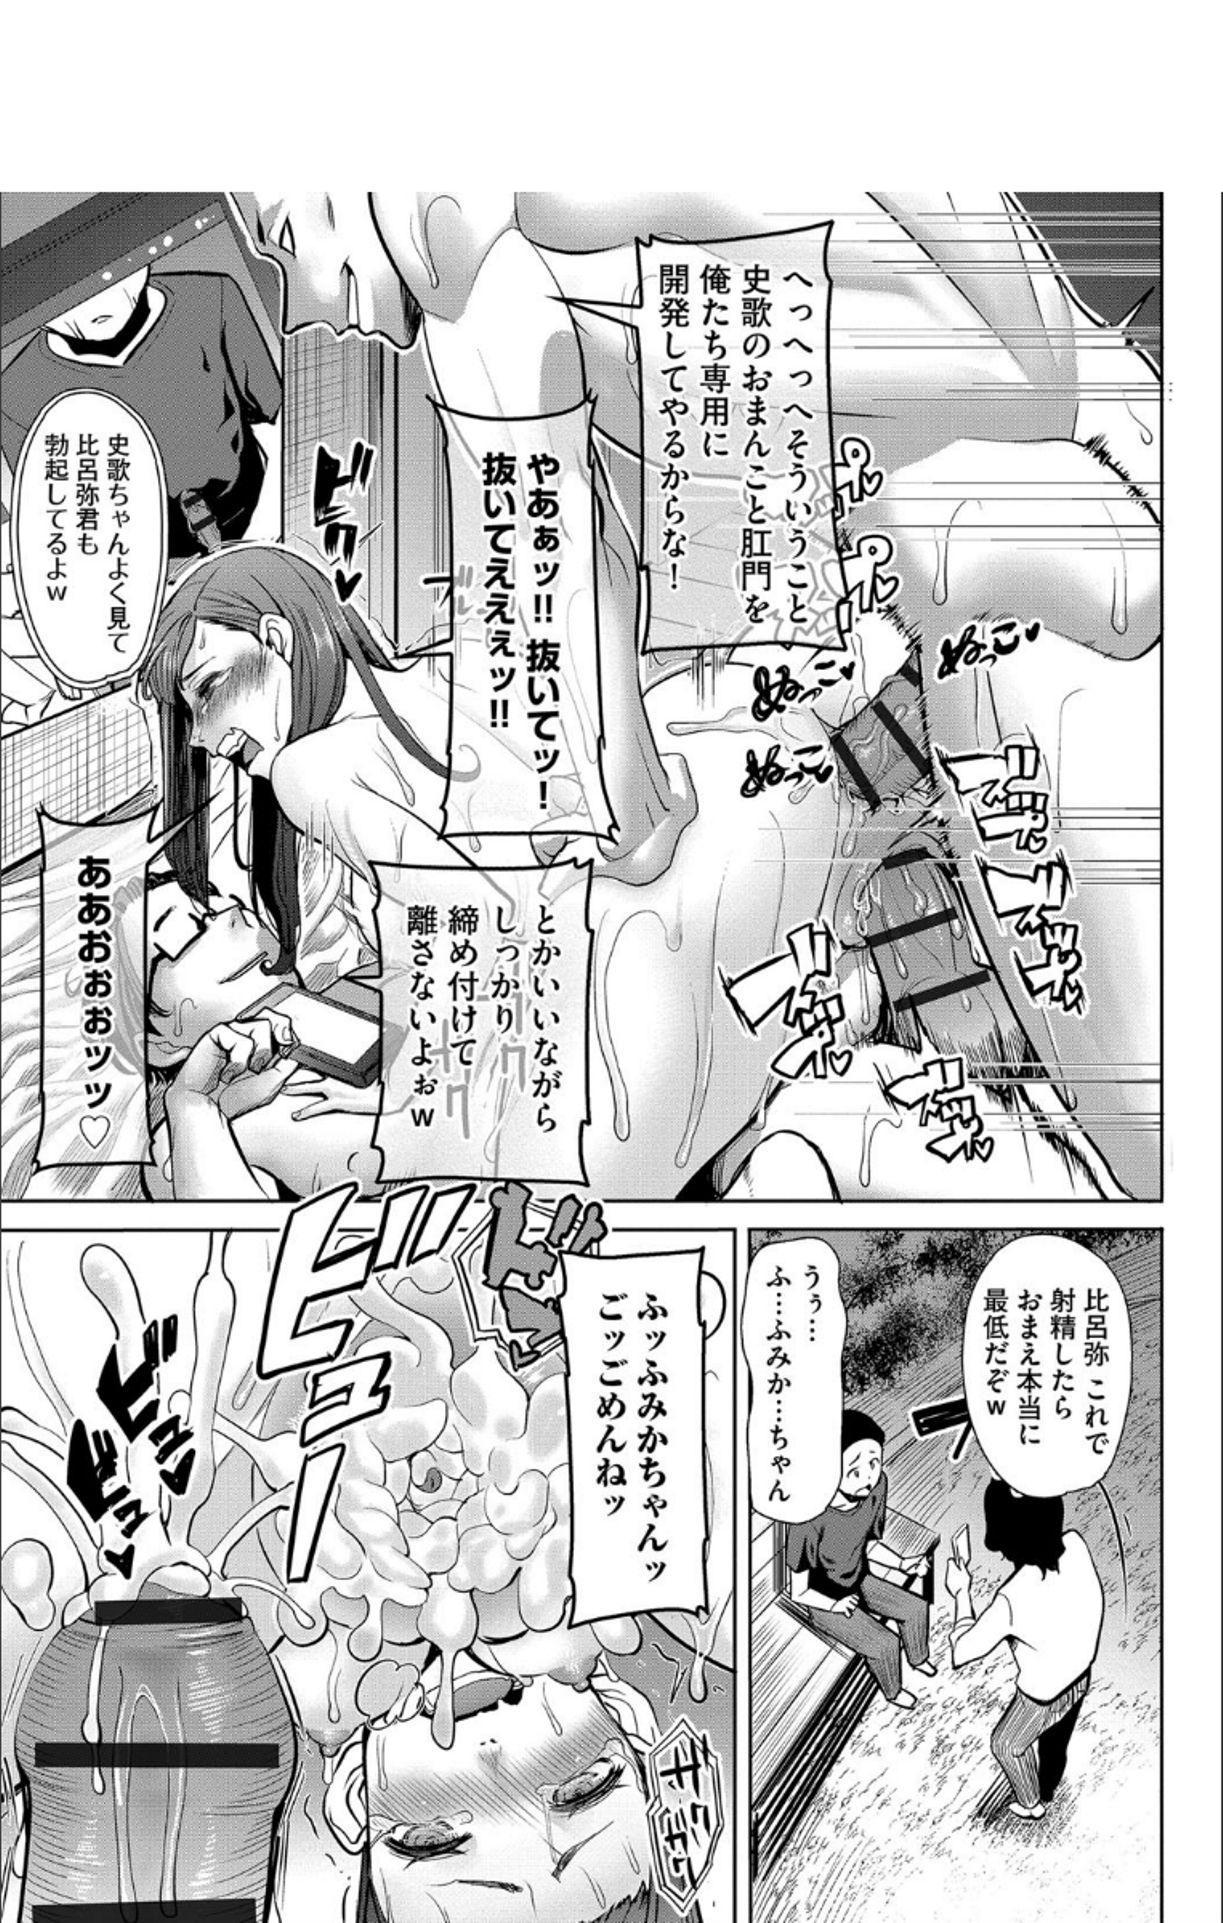 Boku no Kazoku o Sarashimasu + DMM Gentei Tokuten Paper 213